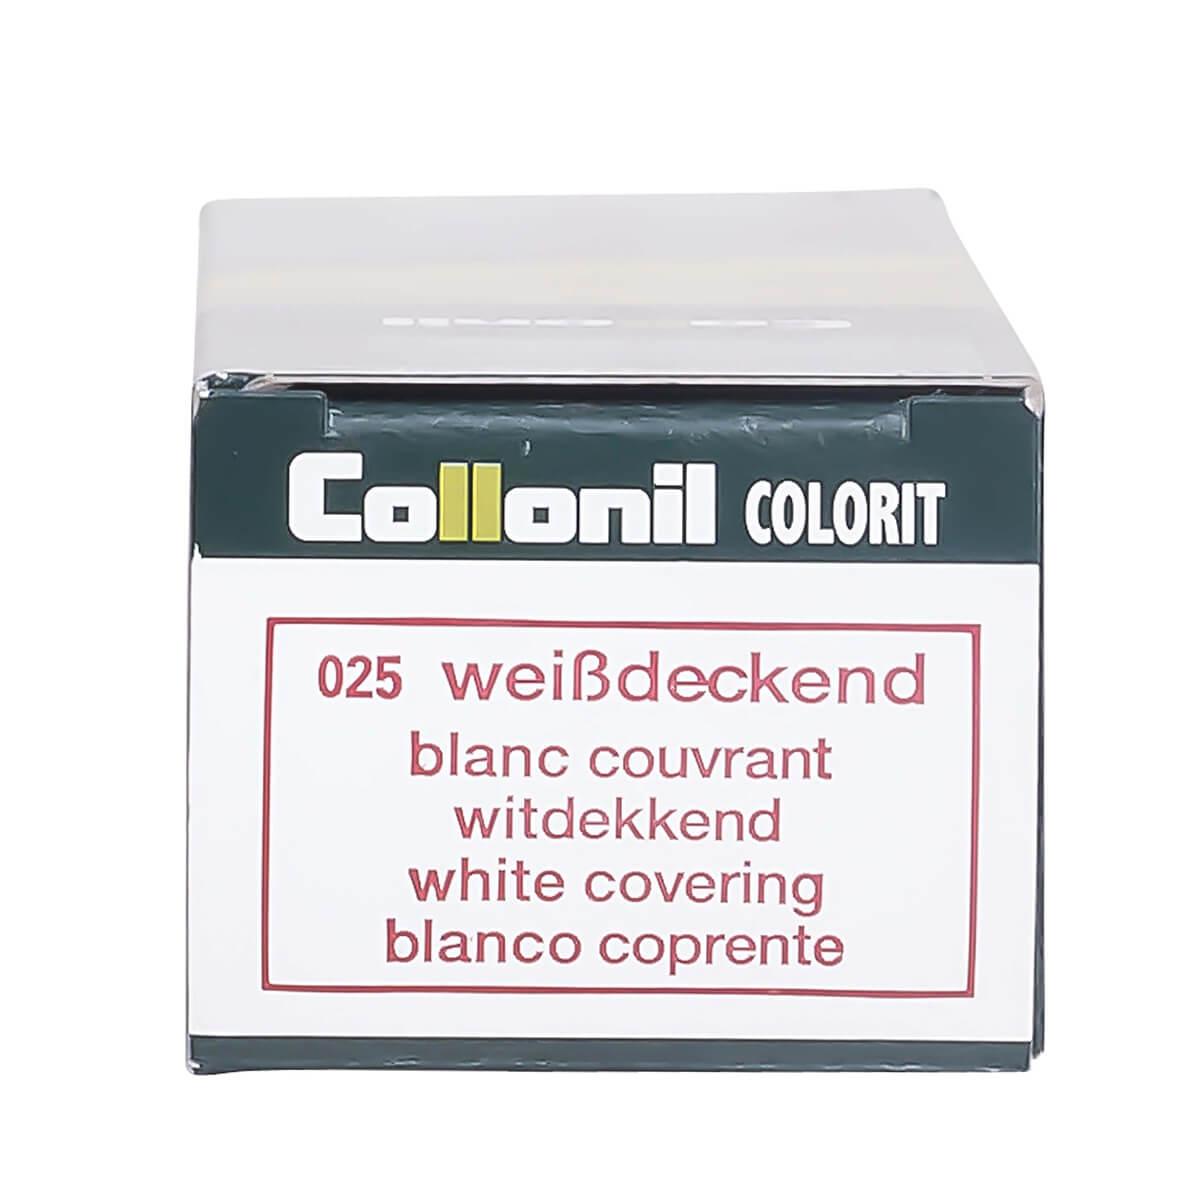 Collonil Creme COLORIT white